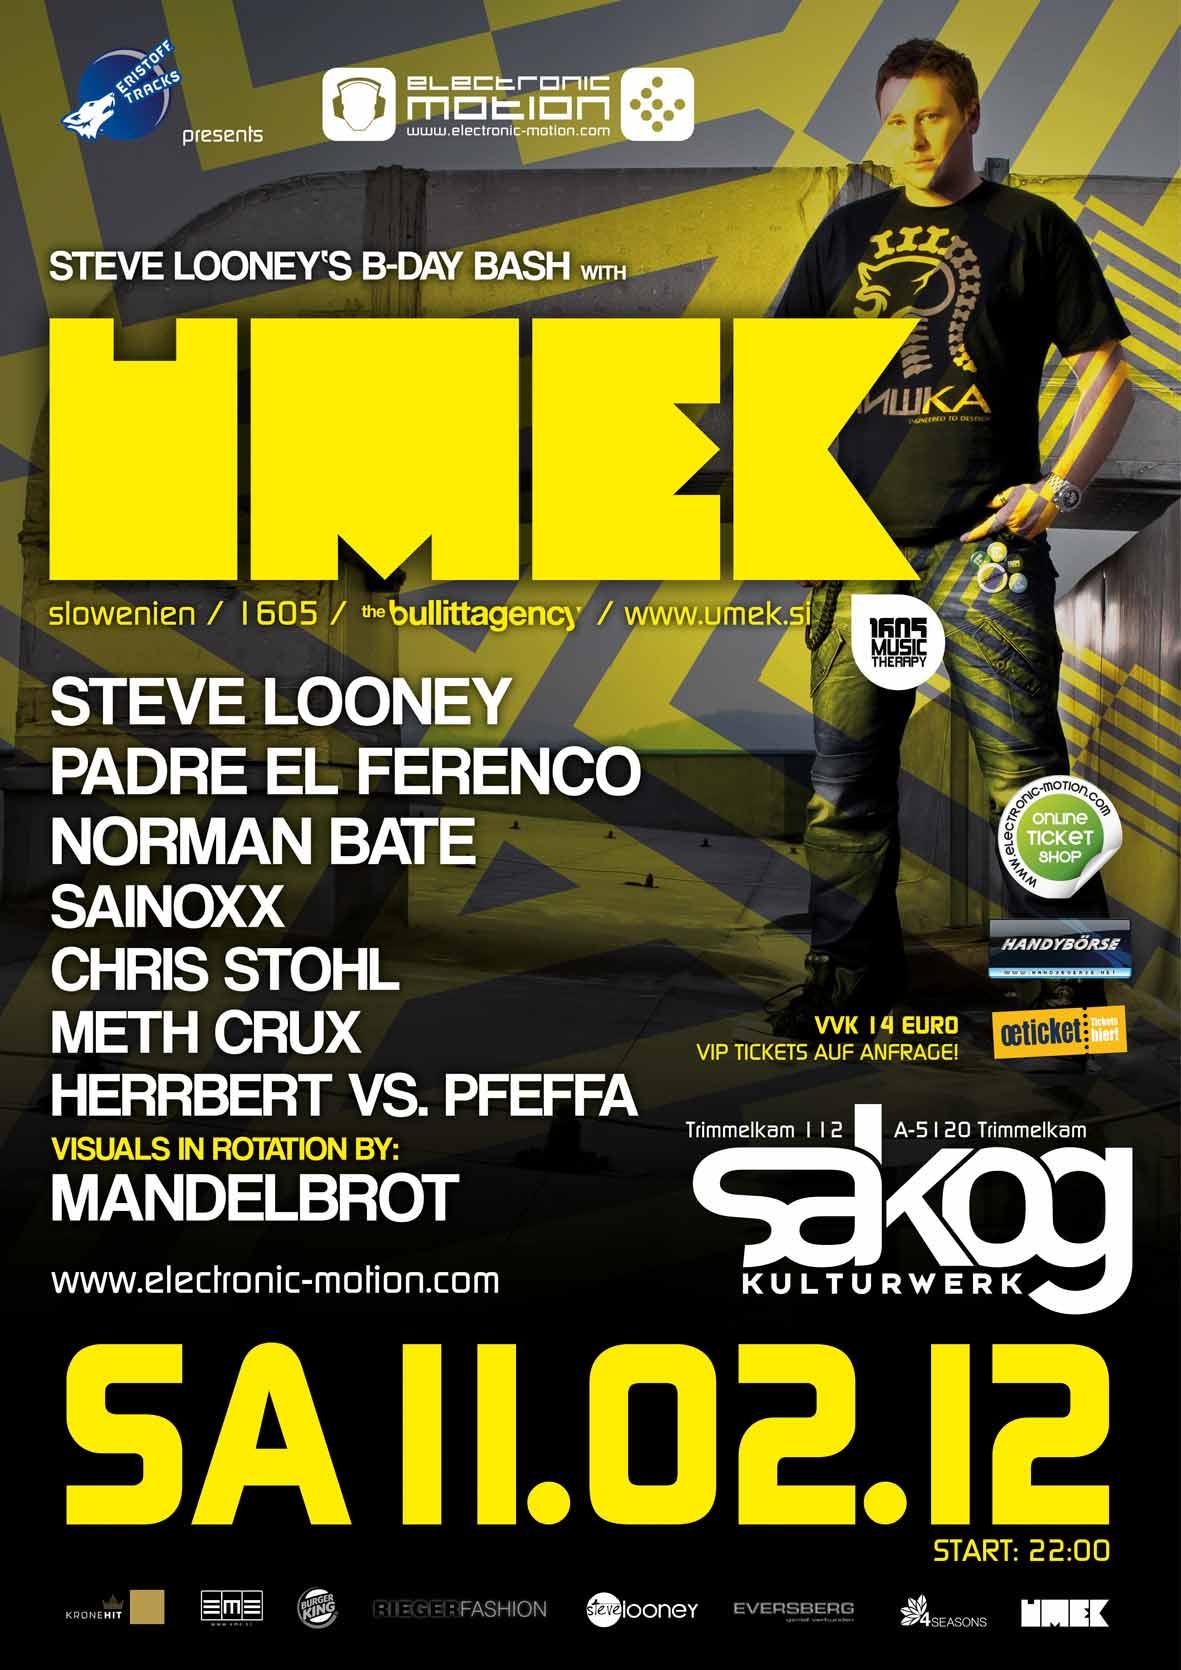 Steve Looney's B-DAY BASH with UMEK 11.02.2012 @ Sakog Trimmelkam